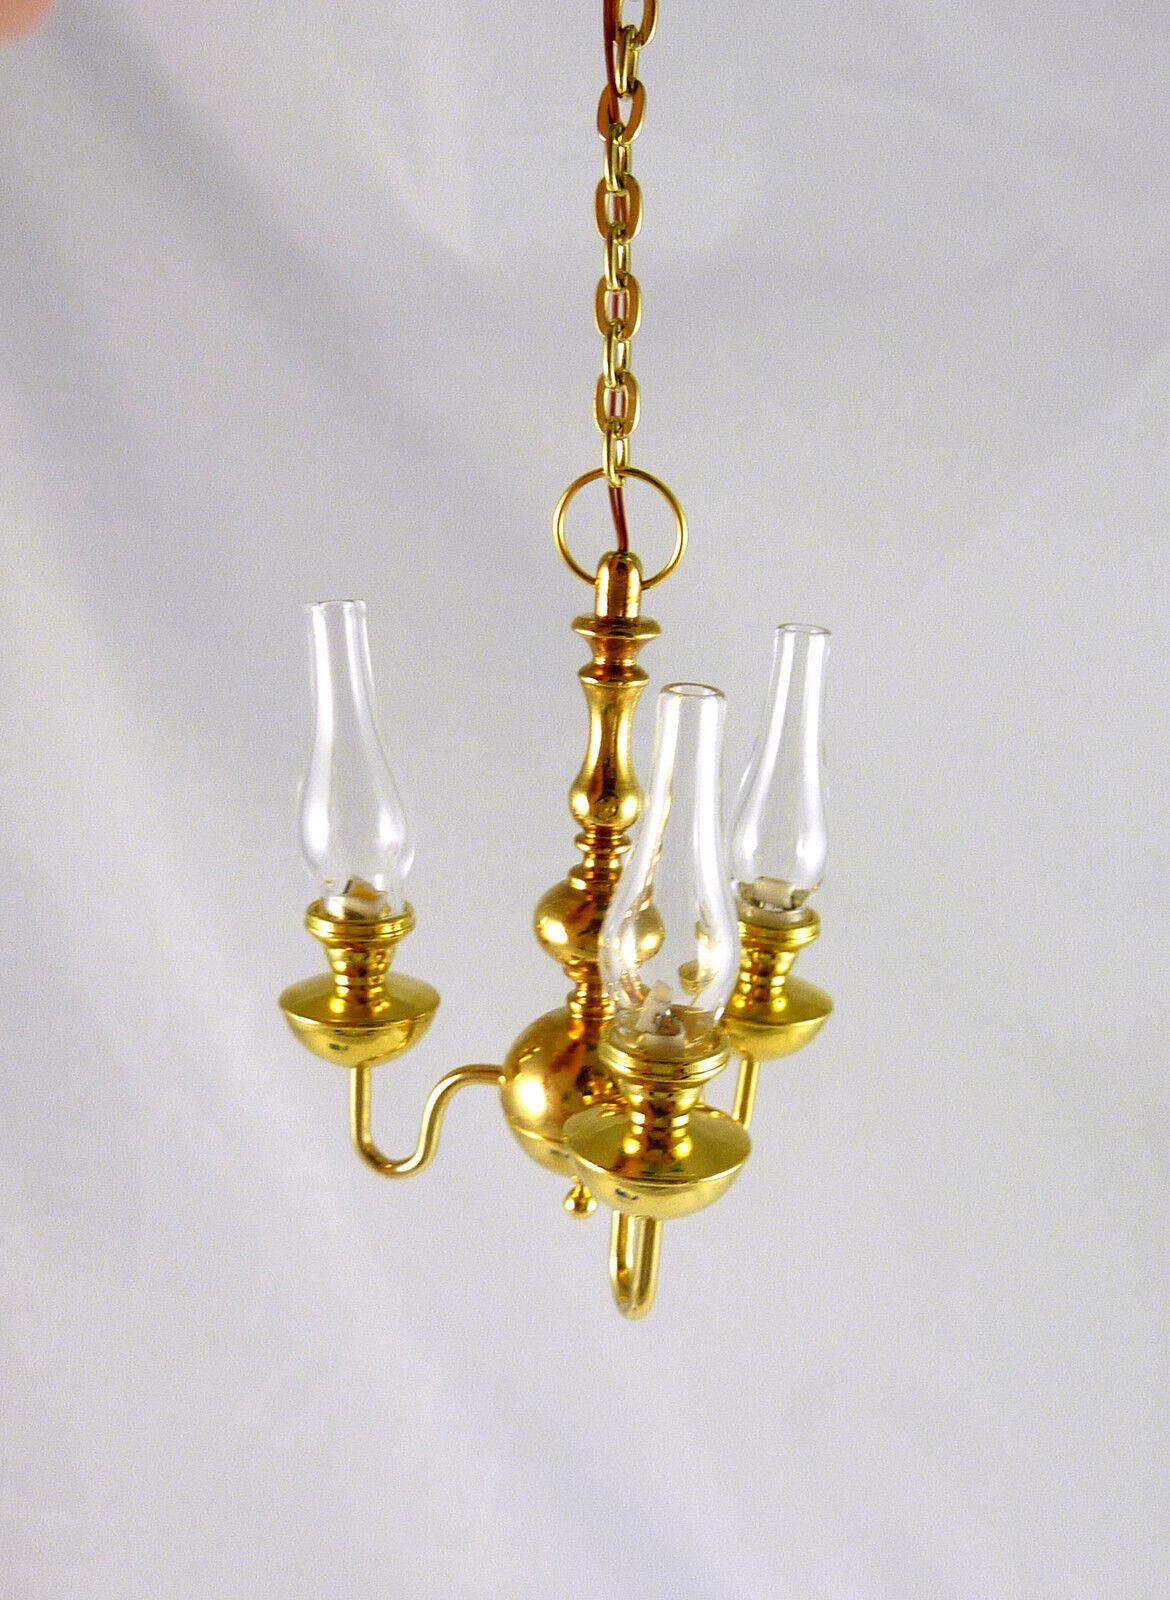 bedroom chandeliers light chandelier fixtures lowes showroom miniature rustic modern of